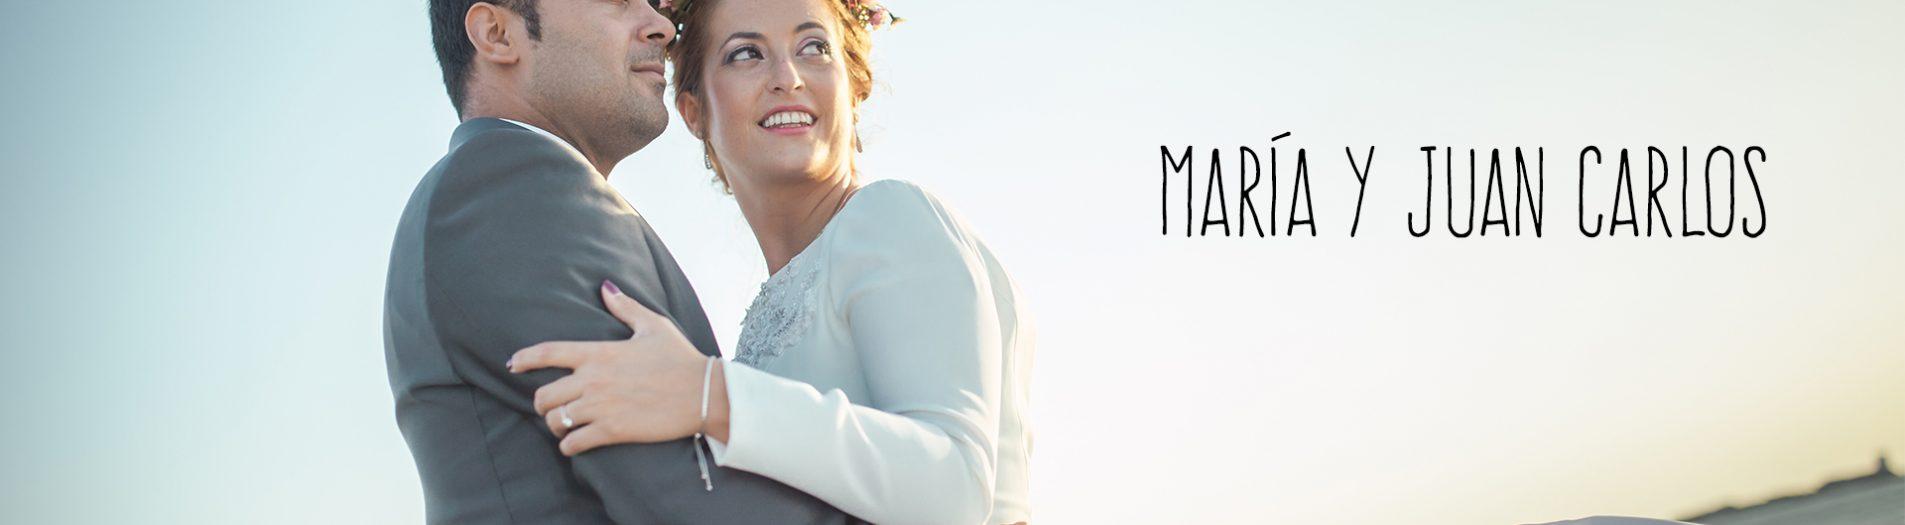 Trailer boda María y Juan Carlos en Chiclana